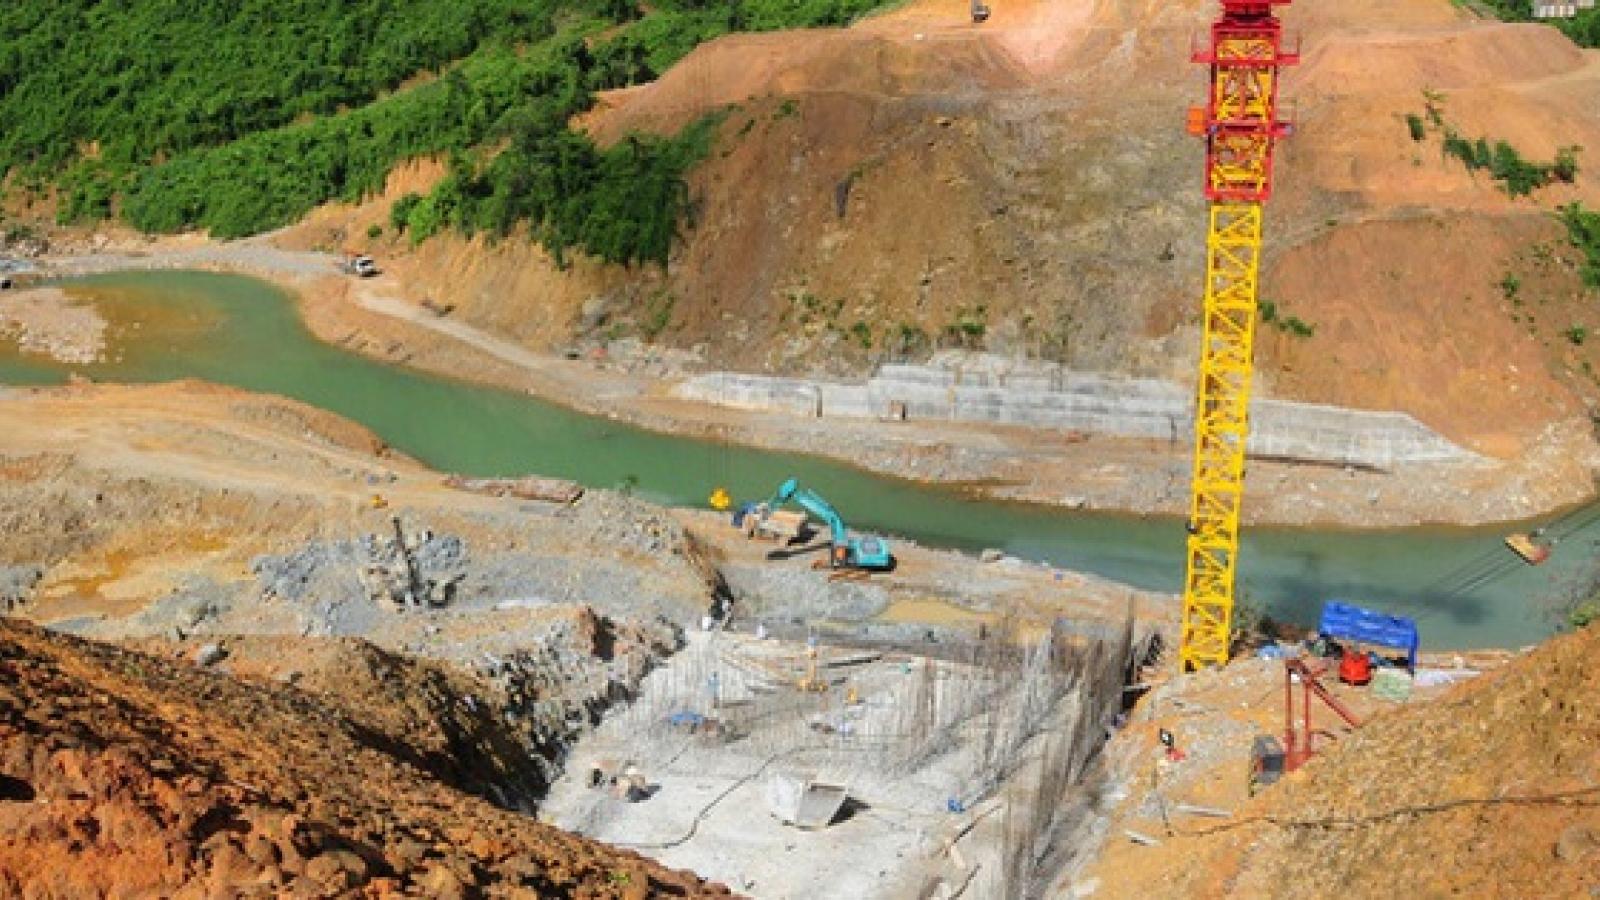 Xác minh thông tin thủy điện Rào Trăng 3 bị sạt lở vùi lấp hơn 10 công nhân